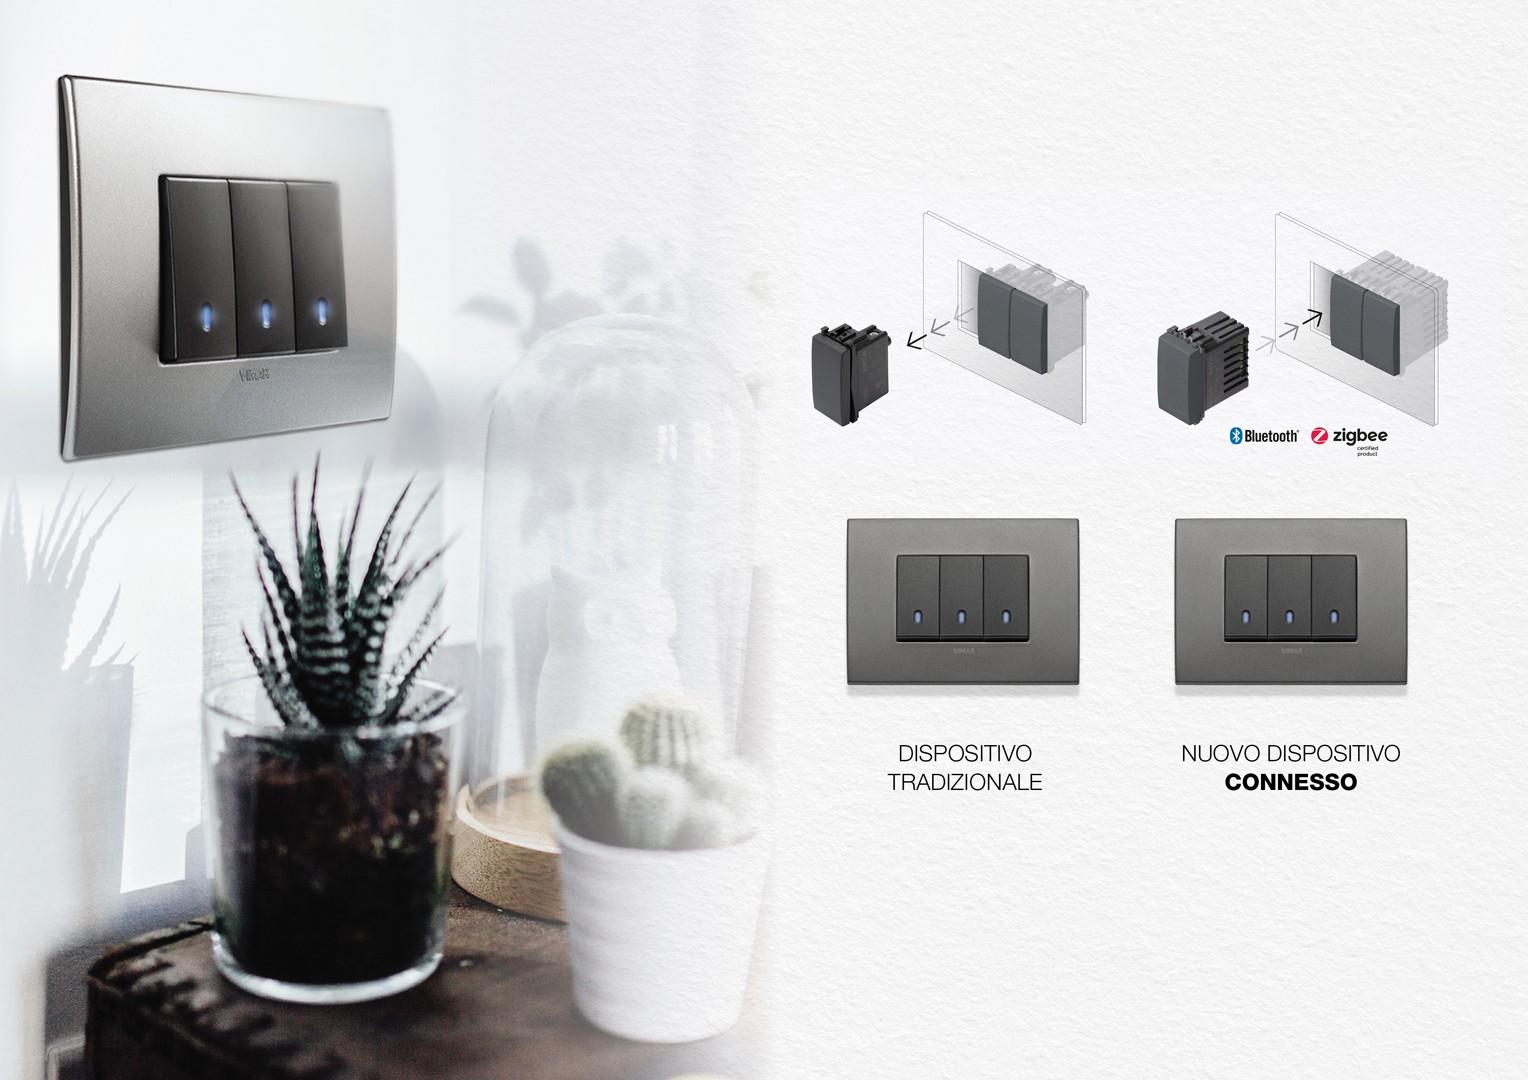 Vimar interruttori smart, intelligenti e connessi: da Veglio, la domotica al servizio dell'illuminazione a Torino